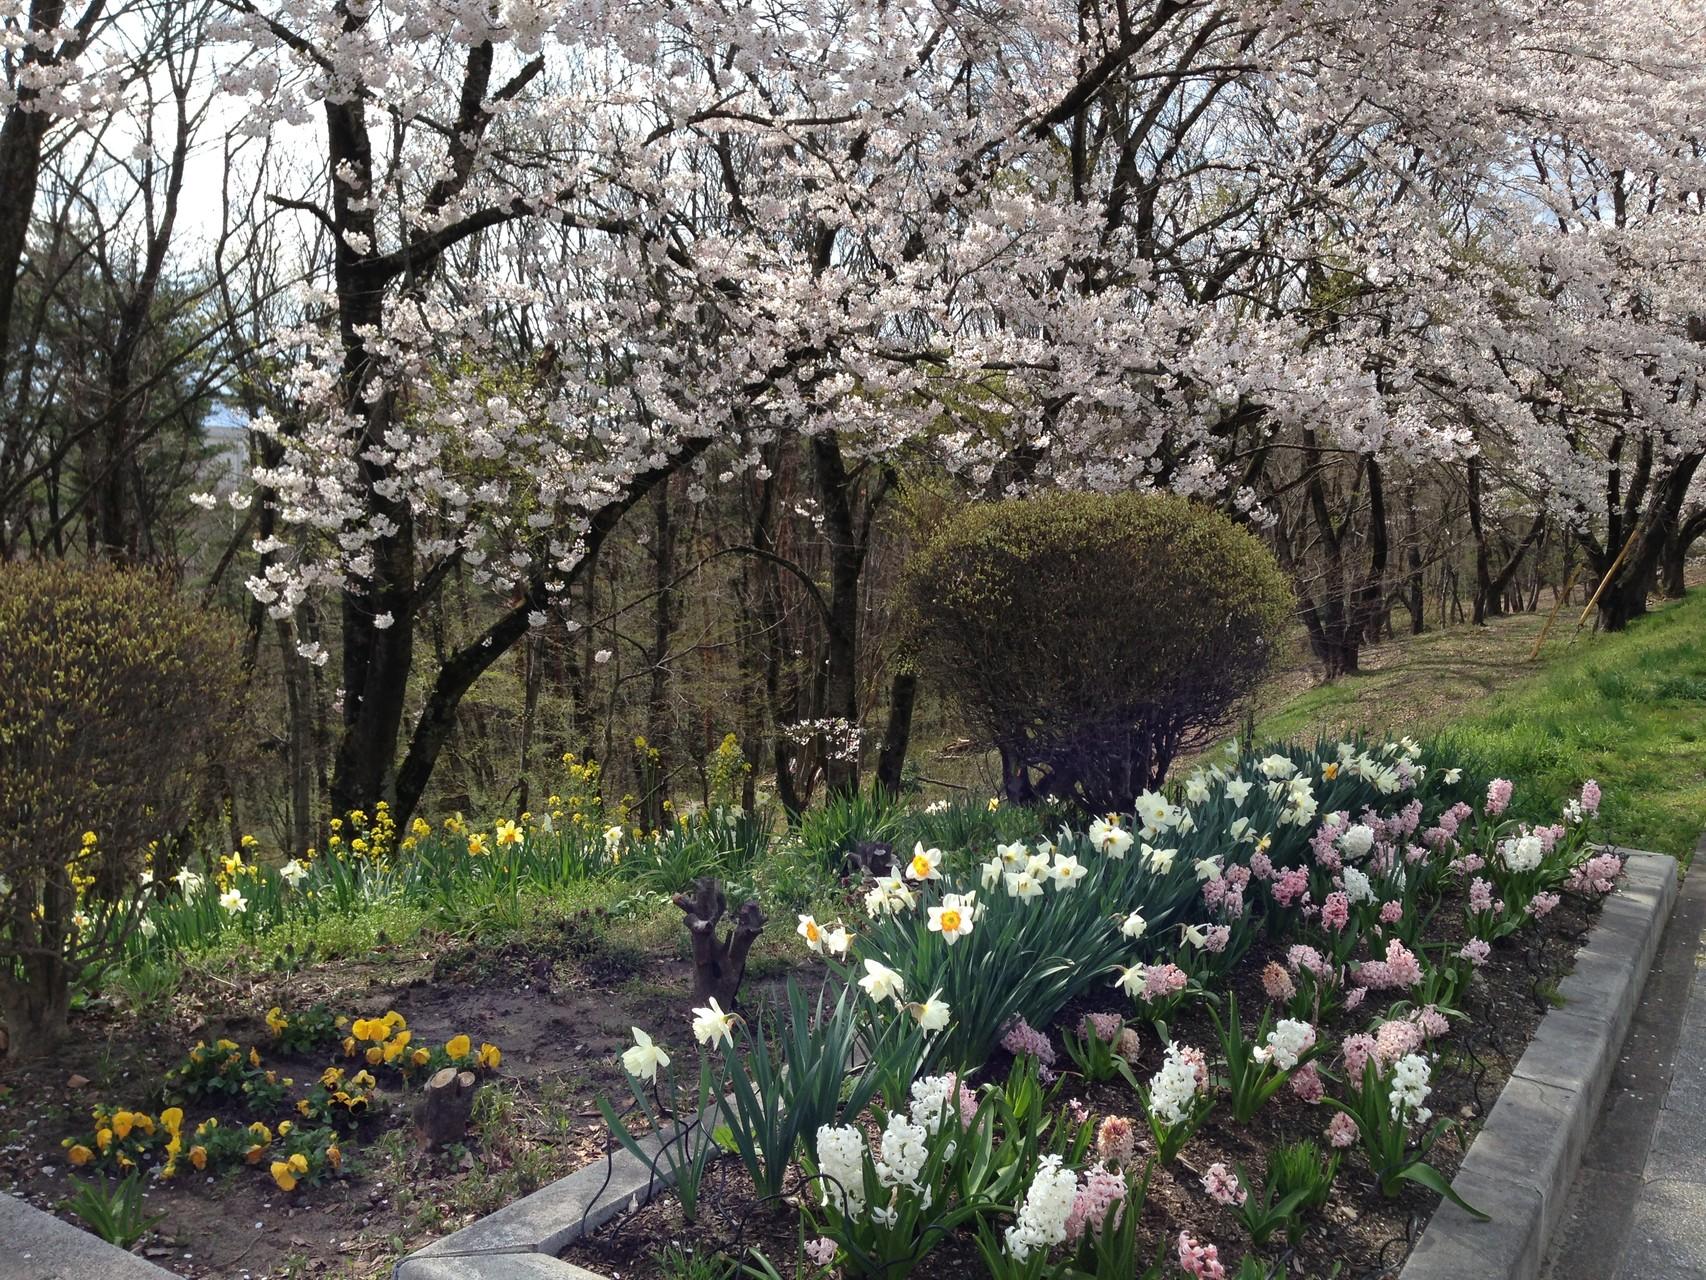 中央町内会の皆さんの作った花壇も素敵ですね!色とりどりの草花も魅力です。